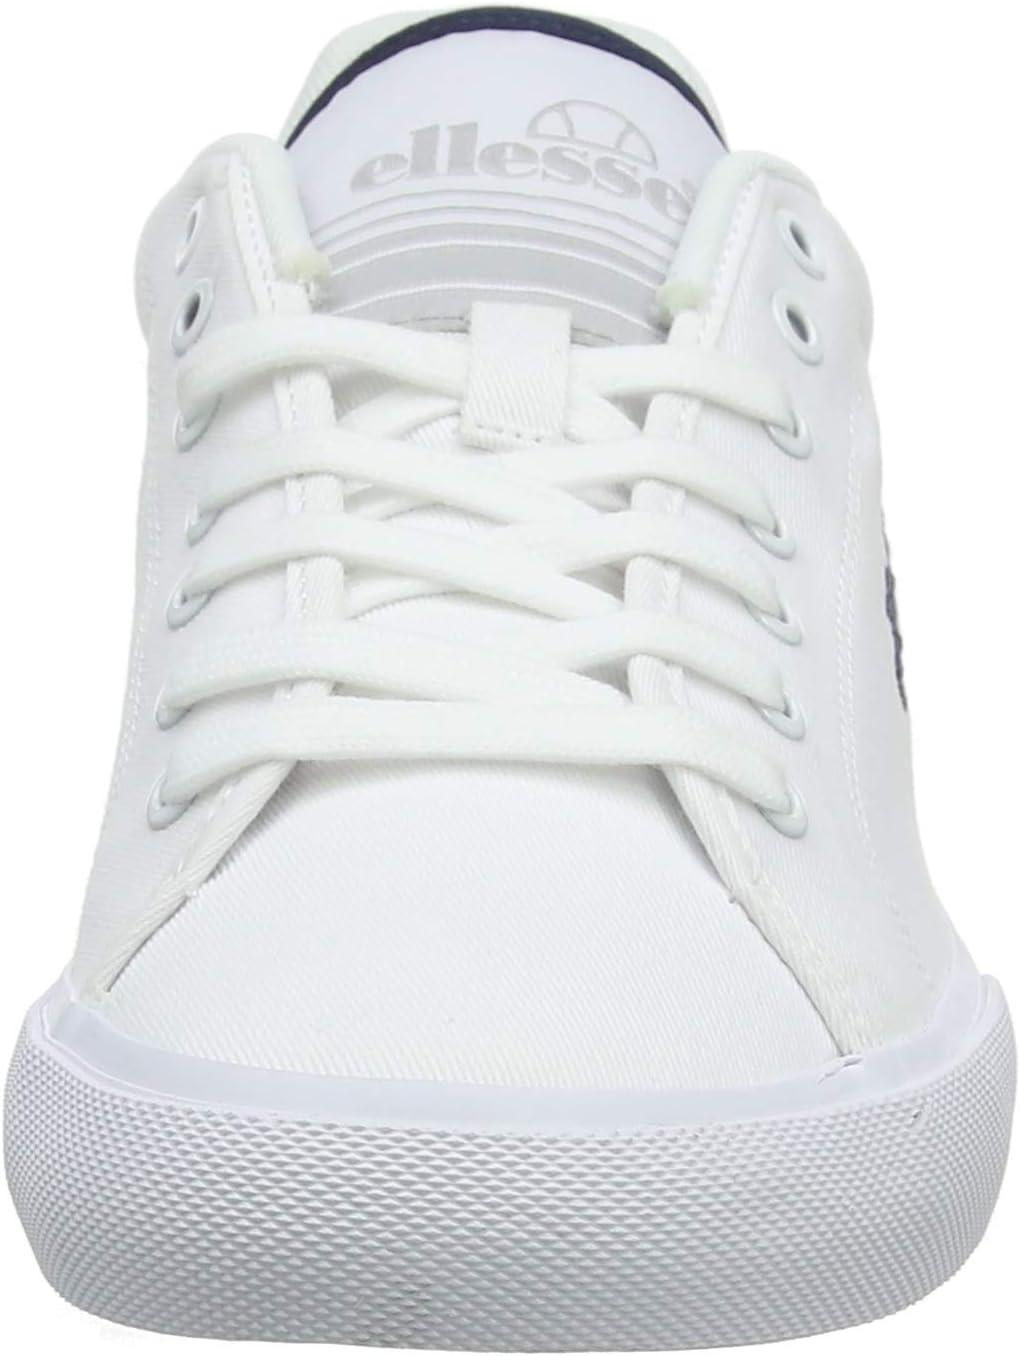 Ellesse Dames Taggia Sneakers White White Whte